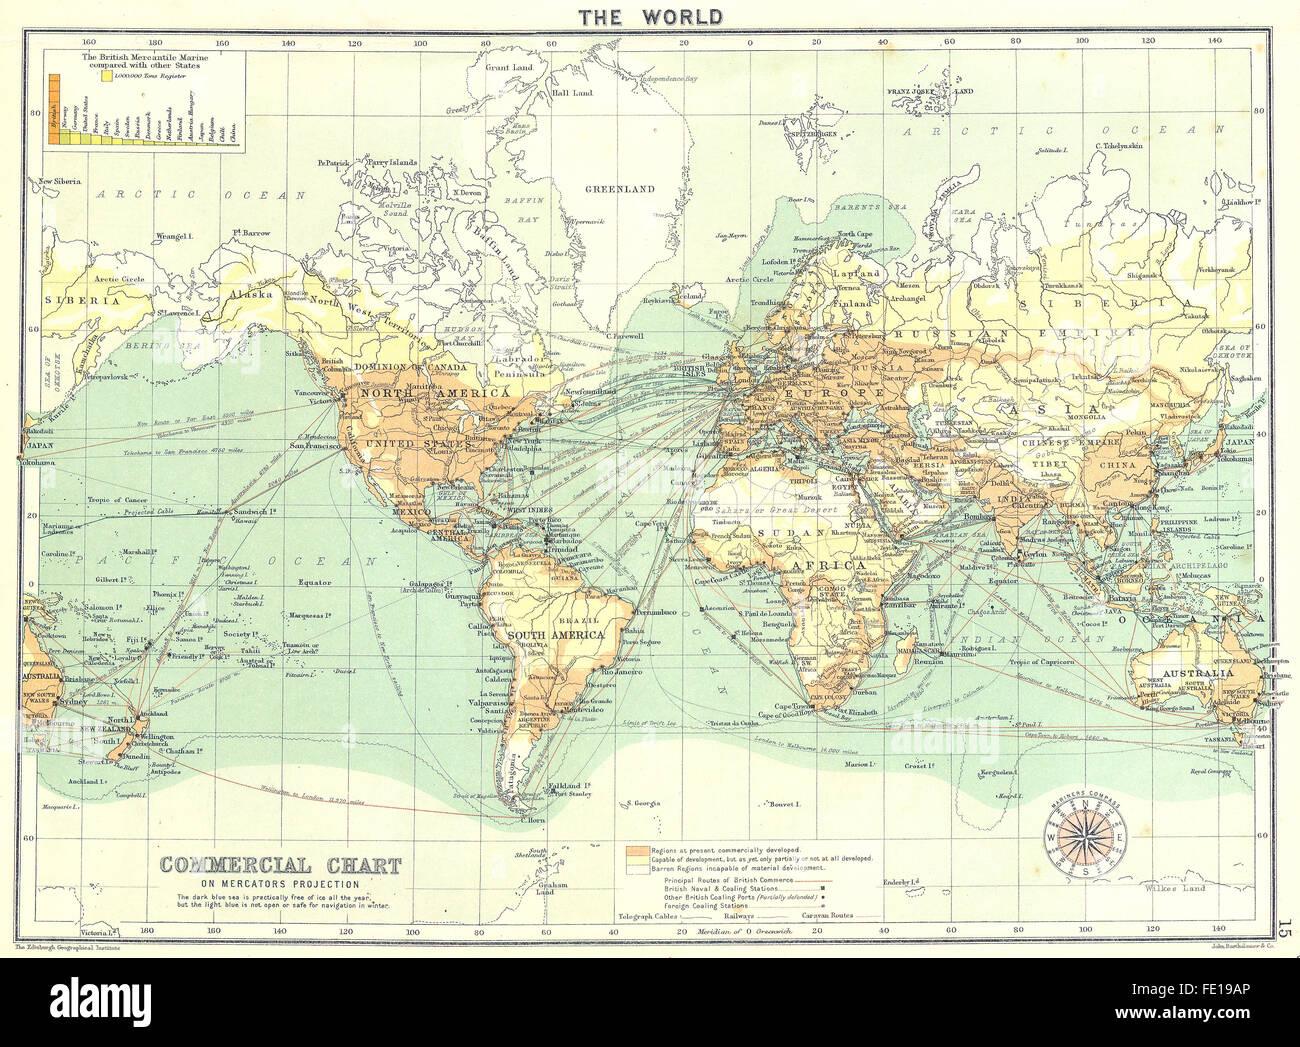 weltkarte 1900 Kommerzielle Diagramm, Mercators Projektion, 1900 antike Weltkarte  weltkarte 1900